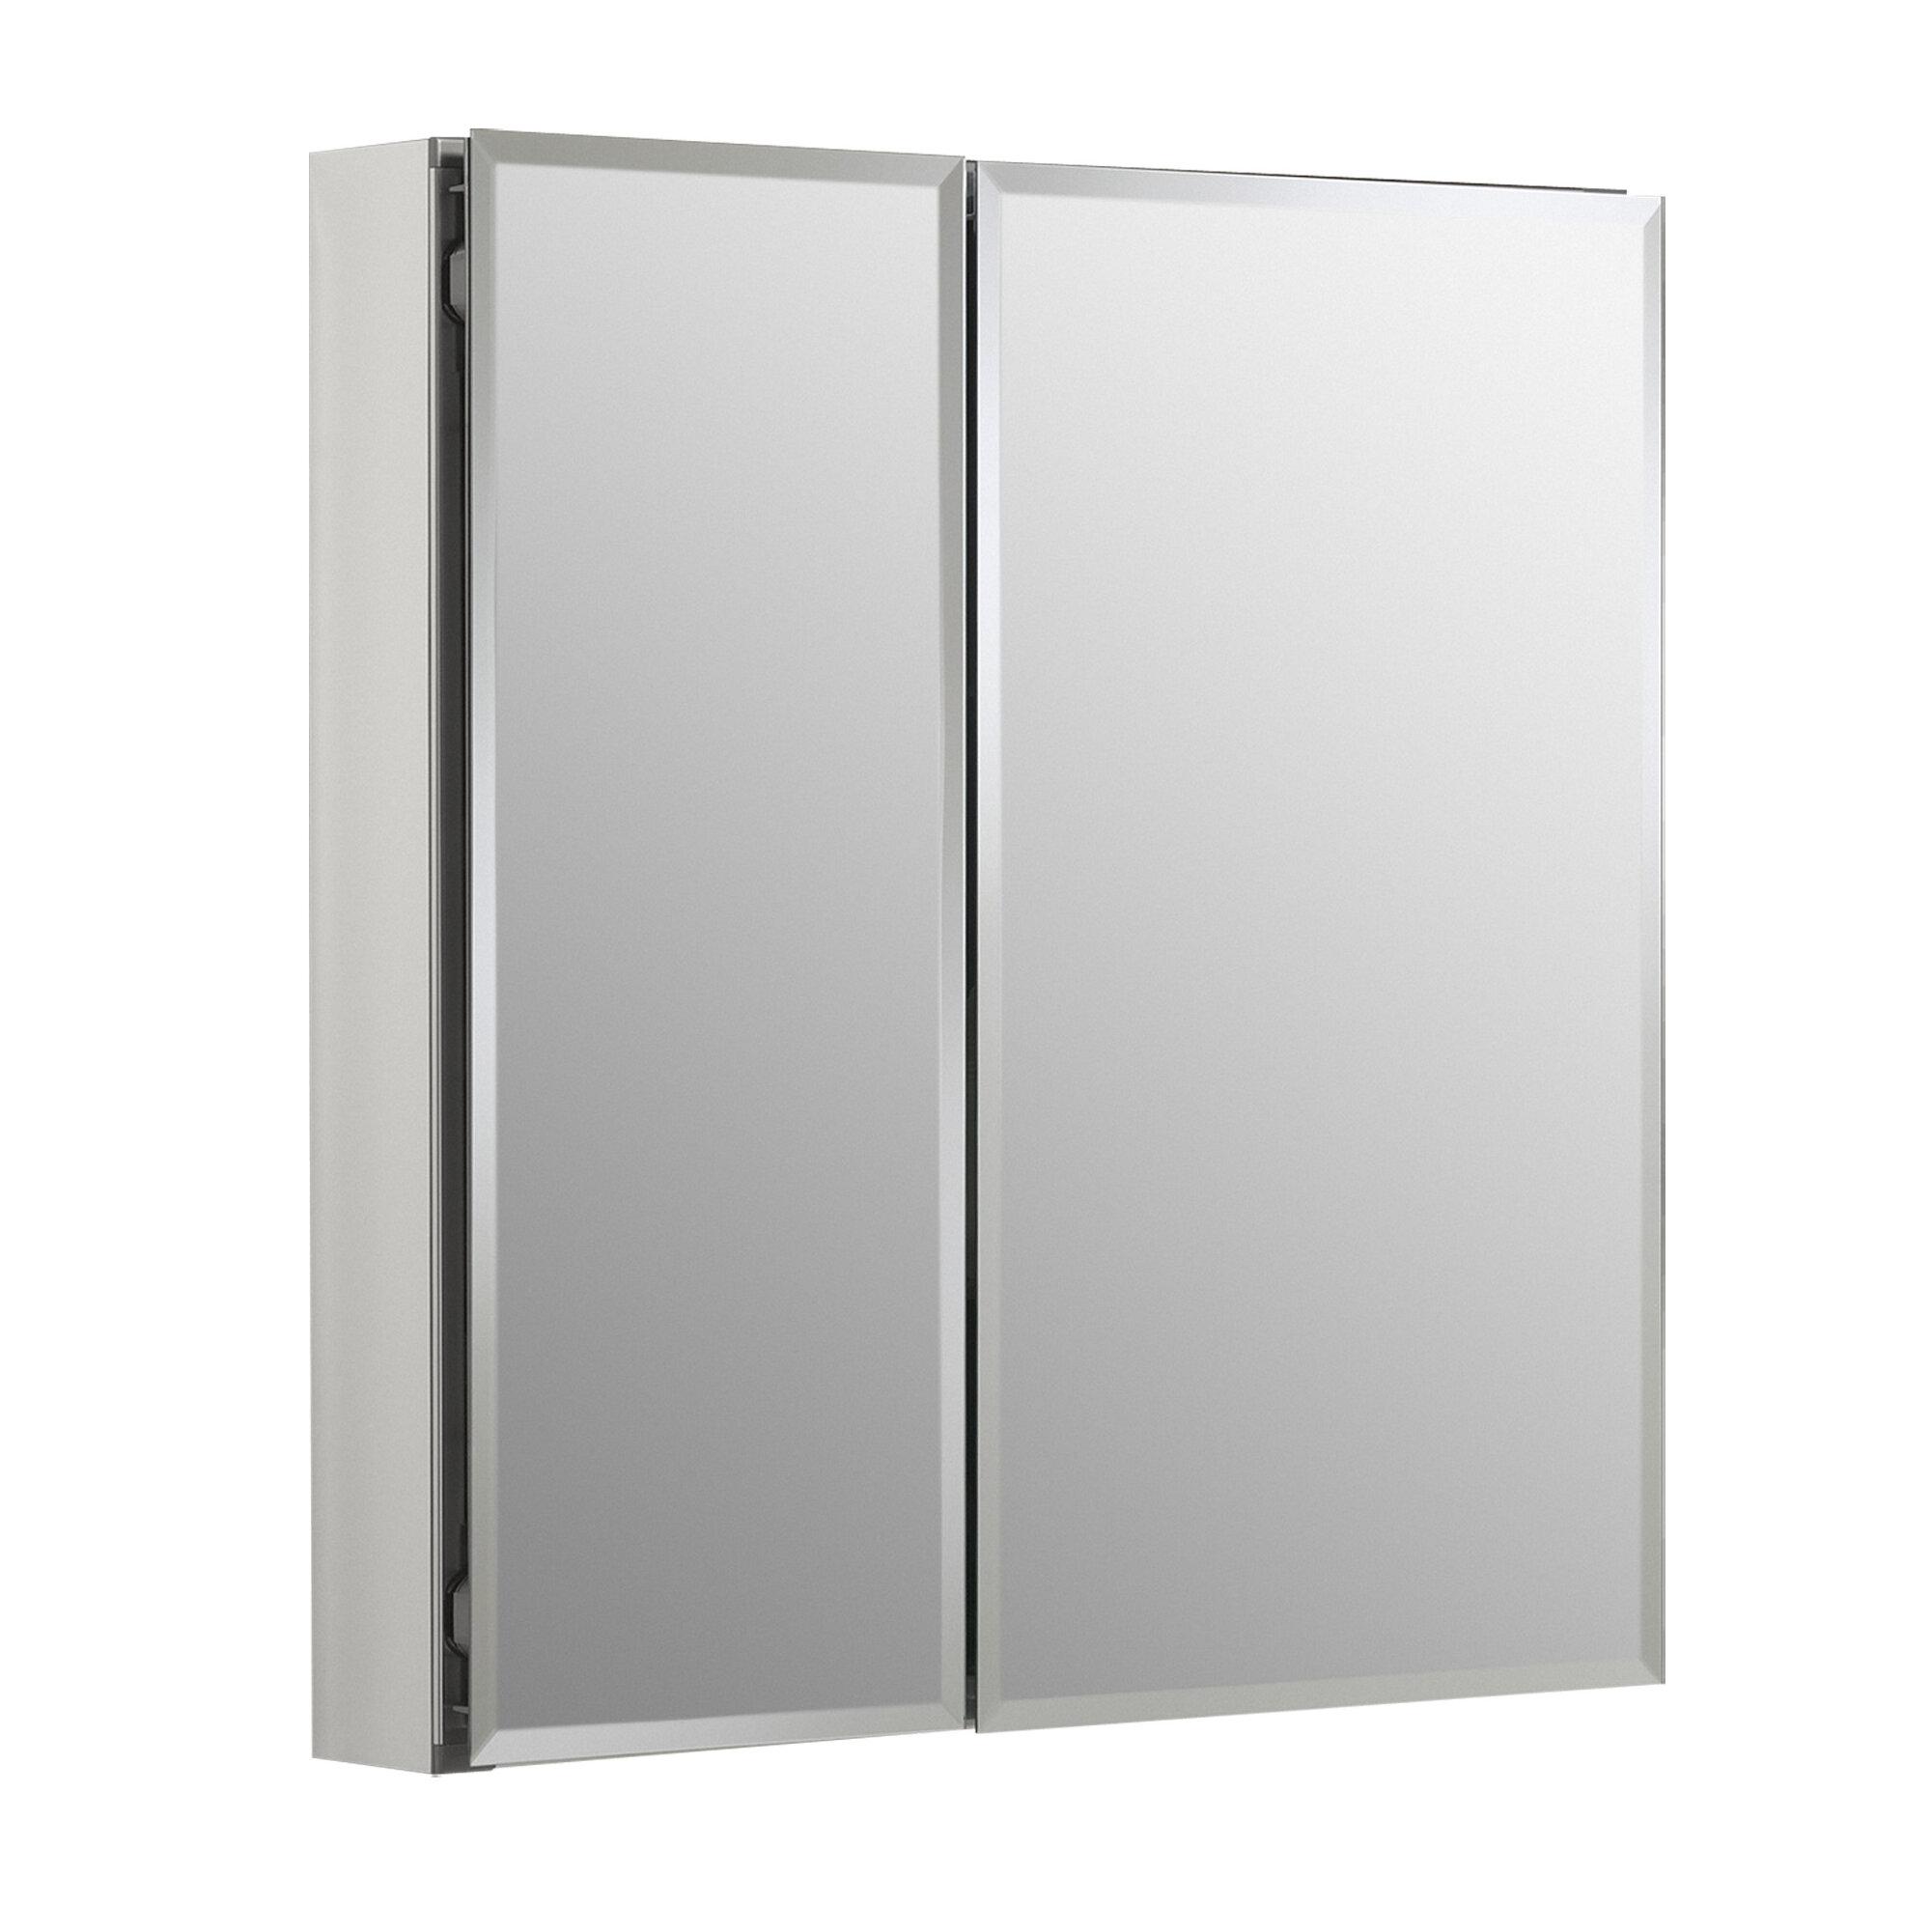 K Cb Clc2526fs Kohler 25 Quot X 26 Quot Aluminum Mirrored Medicine